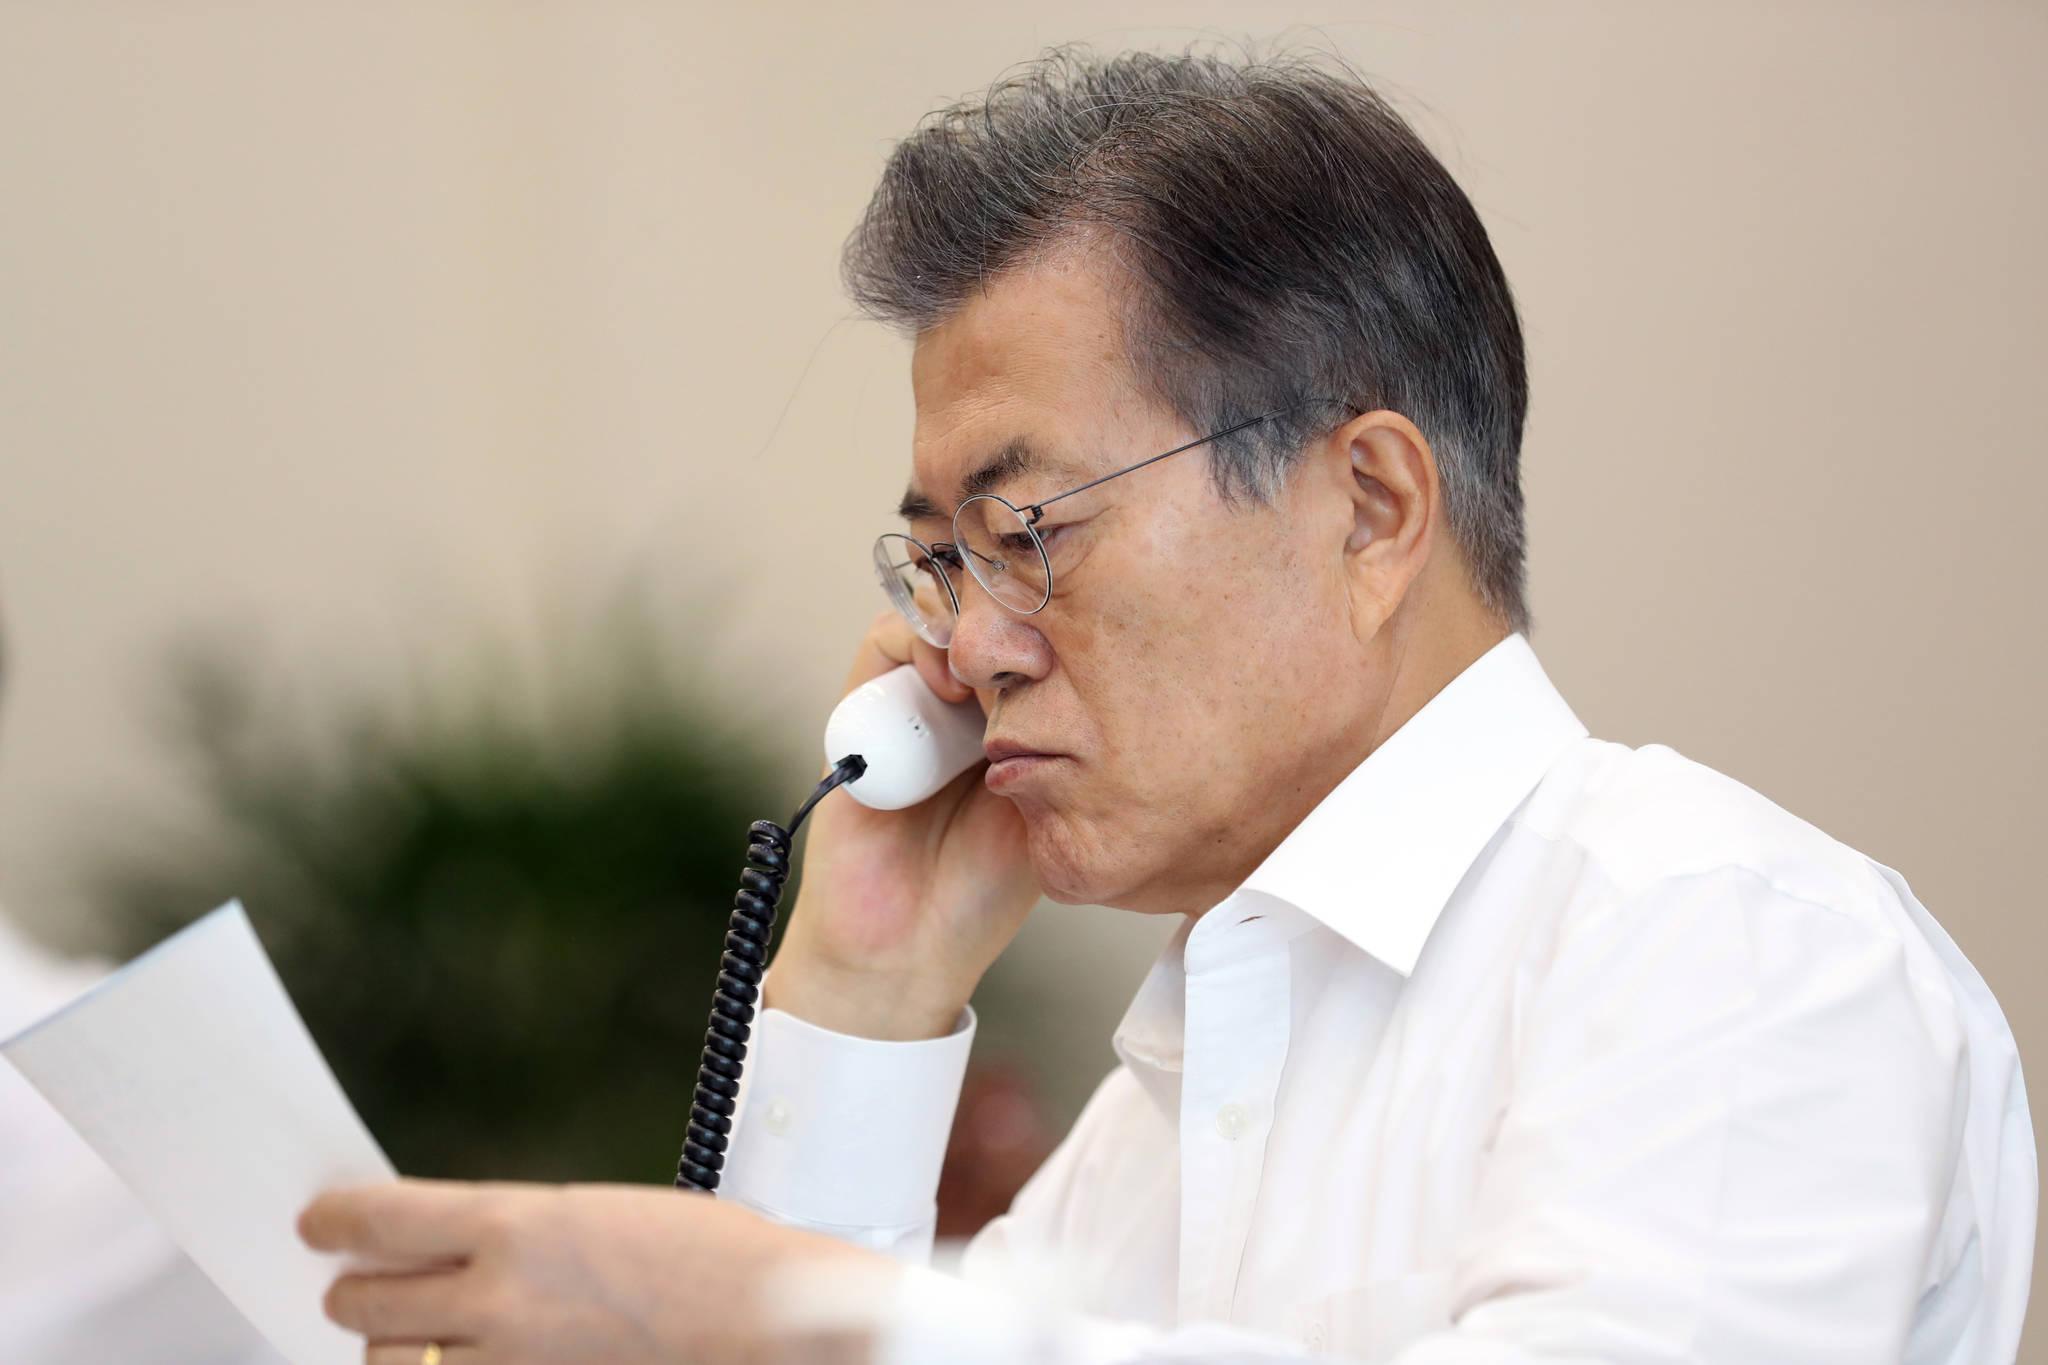 문재인대통령이 9월 4일 오전 여민1관 소회의실에서 아베 일본 총리와 전화 통화를 하고 있다.[사진 청와대]